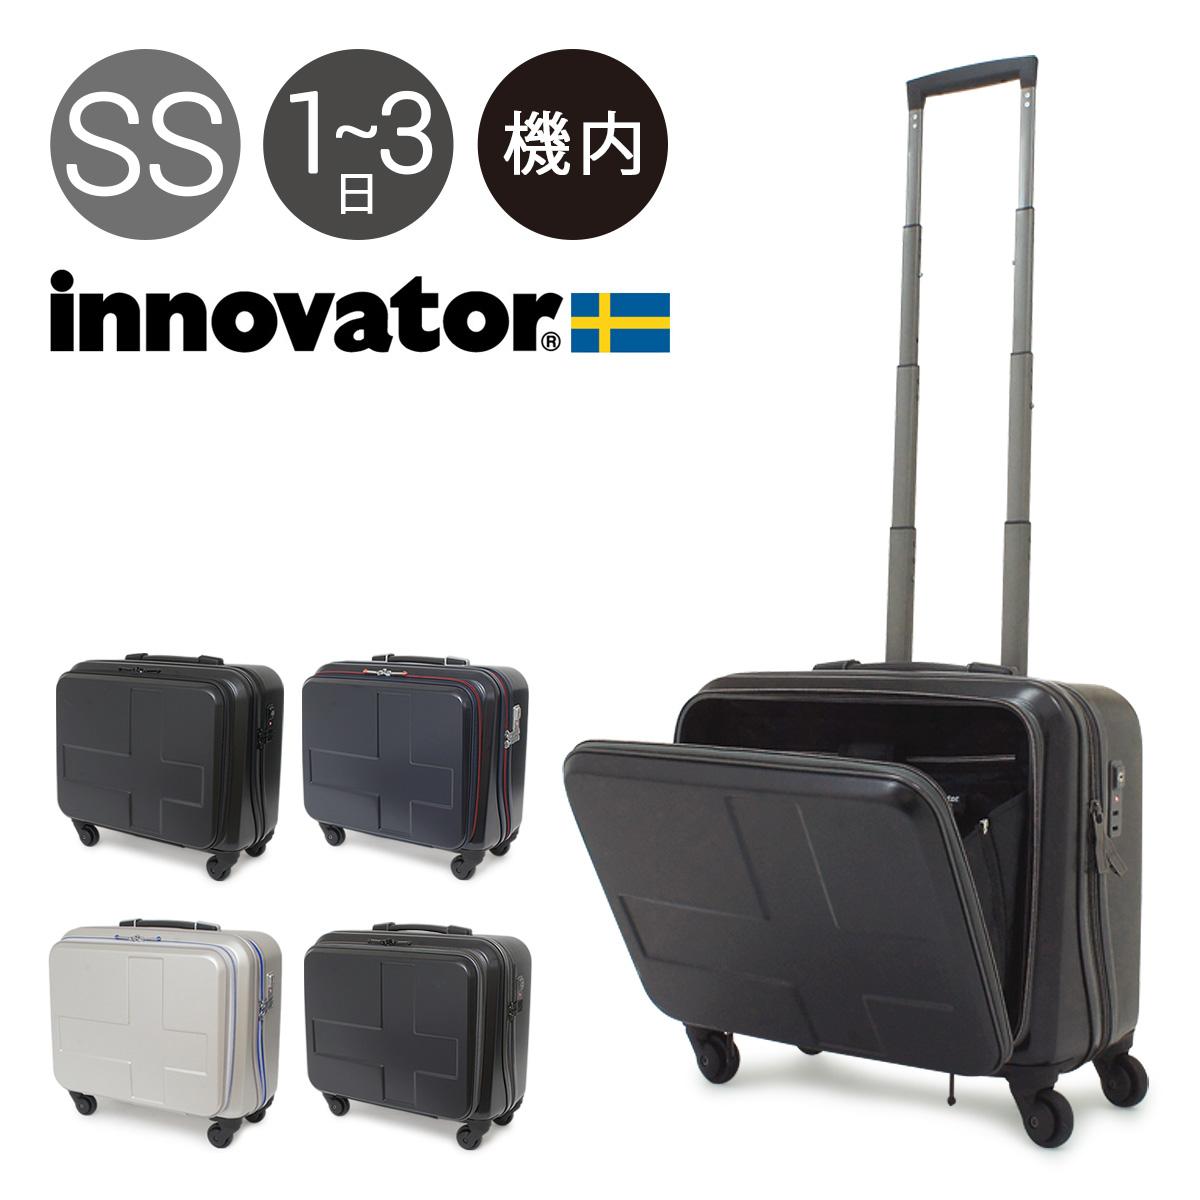 イノベーター innovator スーツケース IND550 34cm 【 当社限定 別注 オリジナル 2年保証 】【 キャリーケース ビジネスキャリー 機内持ち込み可 フロントポケット TSAロック搭載 横型 ヨコ型 】[PO10][bef][即日発送]